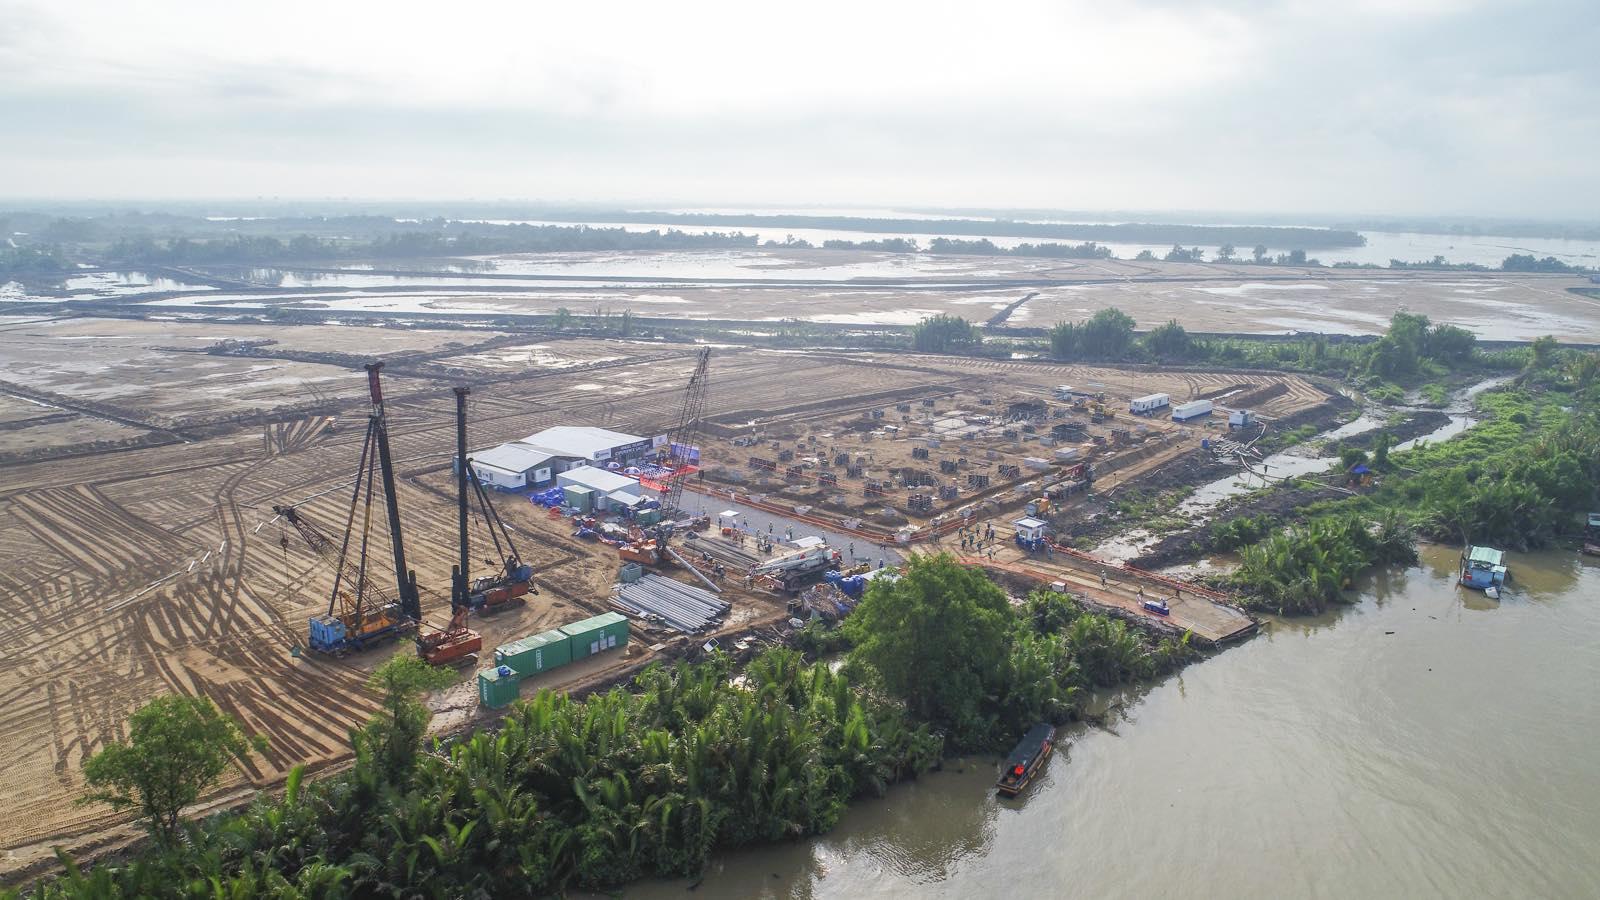 Hình ảnh thực tế từ dự án khu đô thị Nhơn Phước